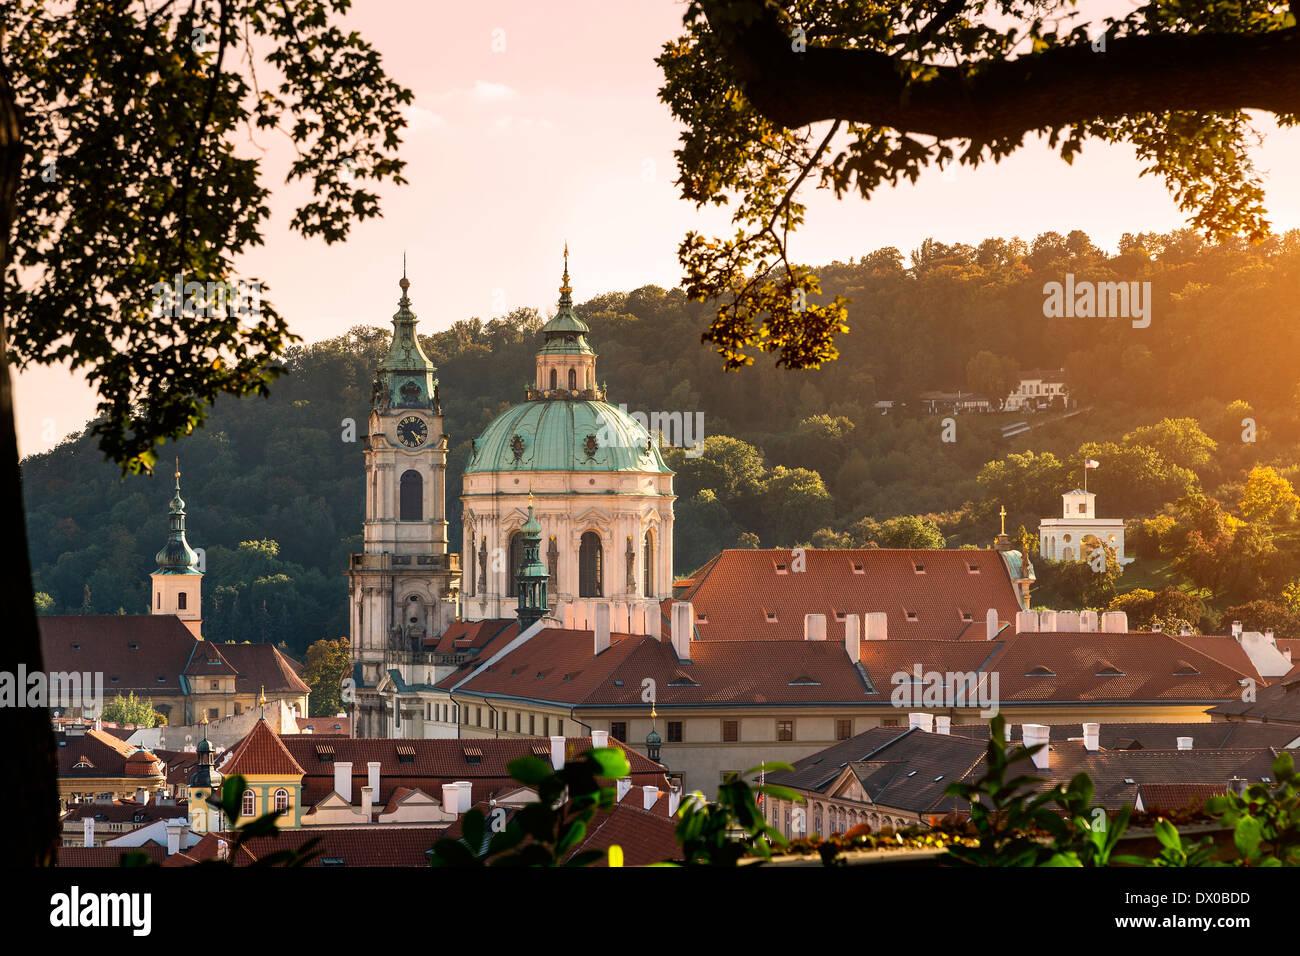 Dome et clocher de Saint Nicholas' Church, Prague, République tchèque. Photo Stock